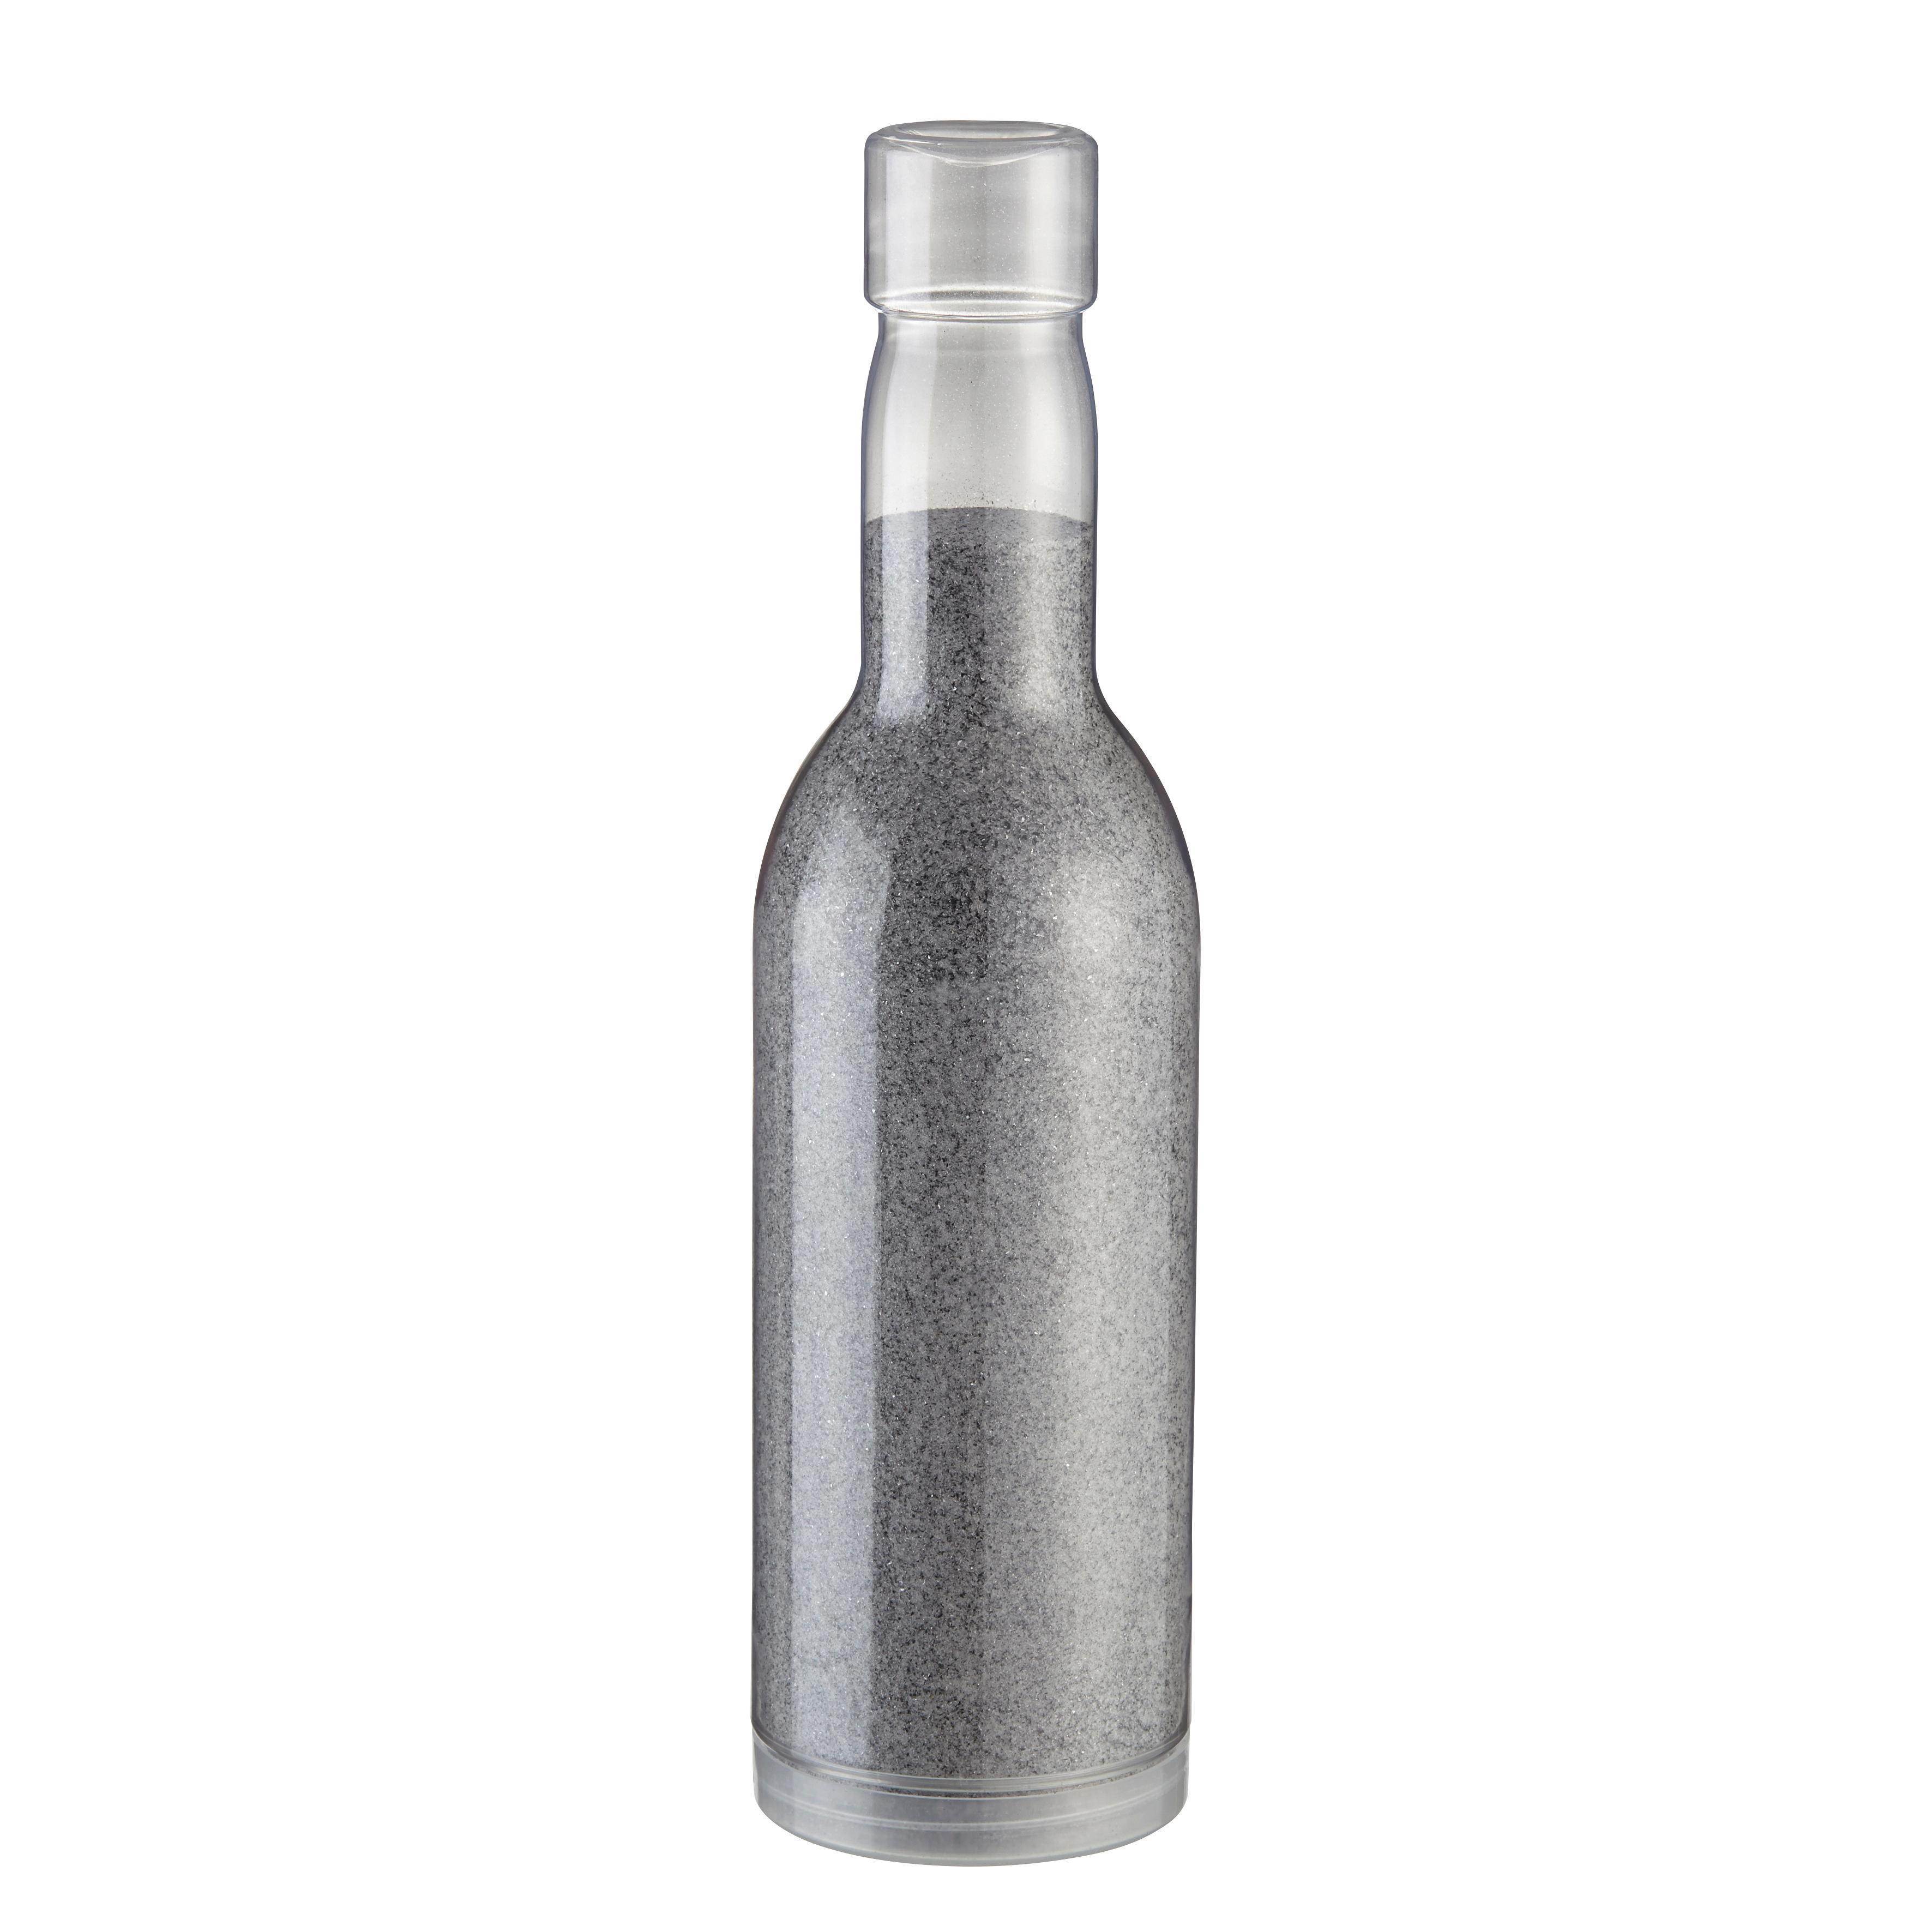 Dekorhomok Spiegel - világos kék/natúr színek, üveg (0,65l) - MÖMAX modern living